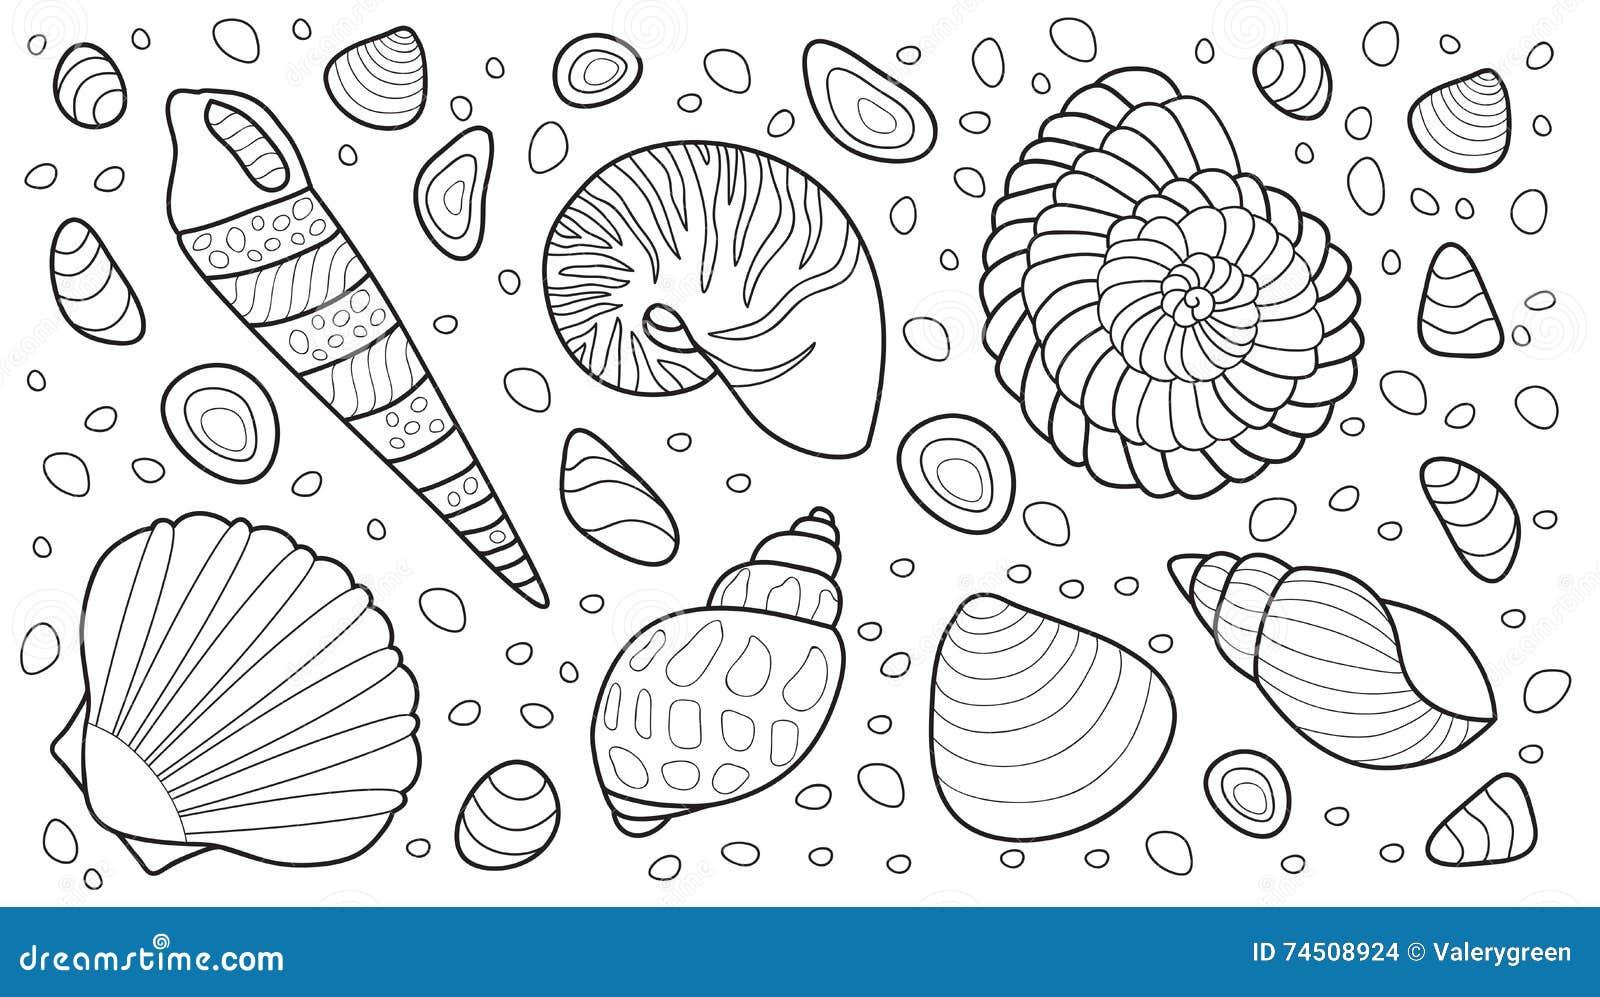 Moderno Libro De Colorear Cubre Foto - Dibujos Para Colorear En ...